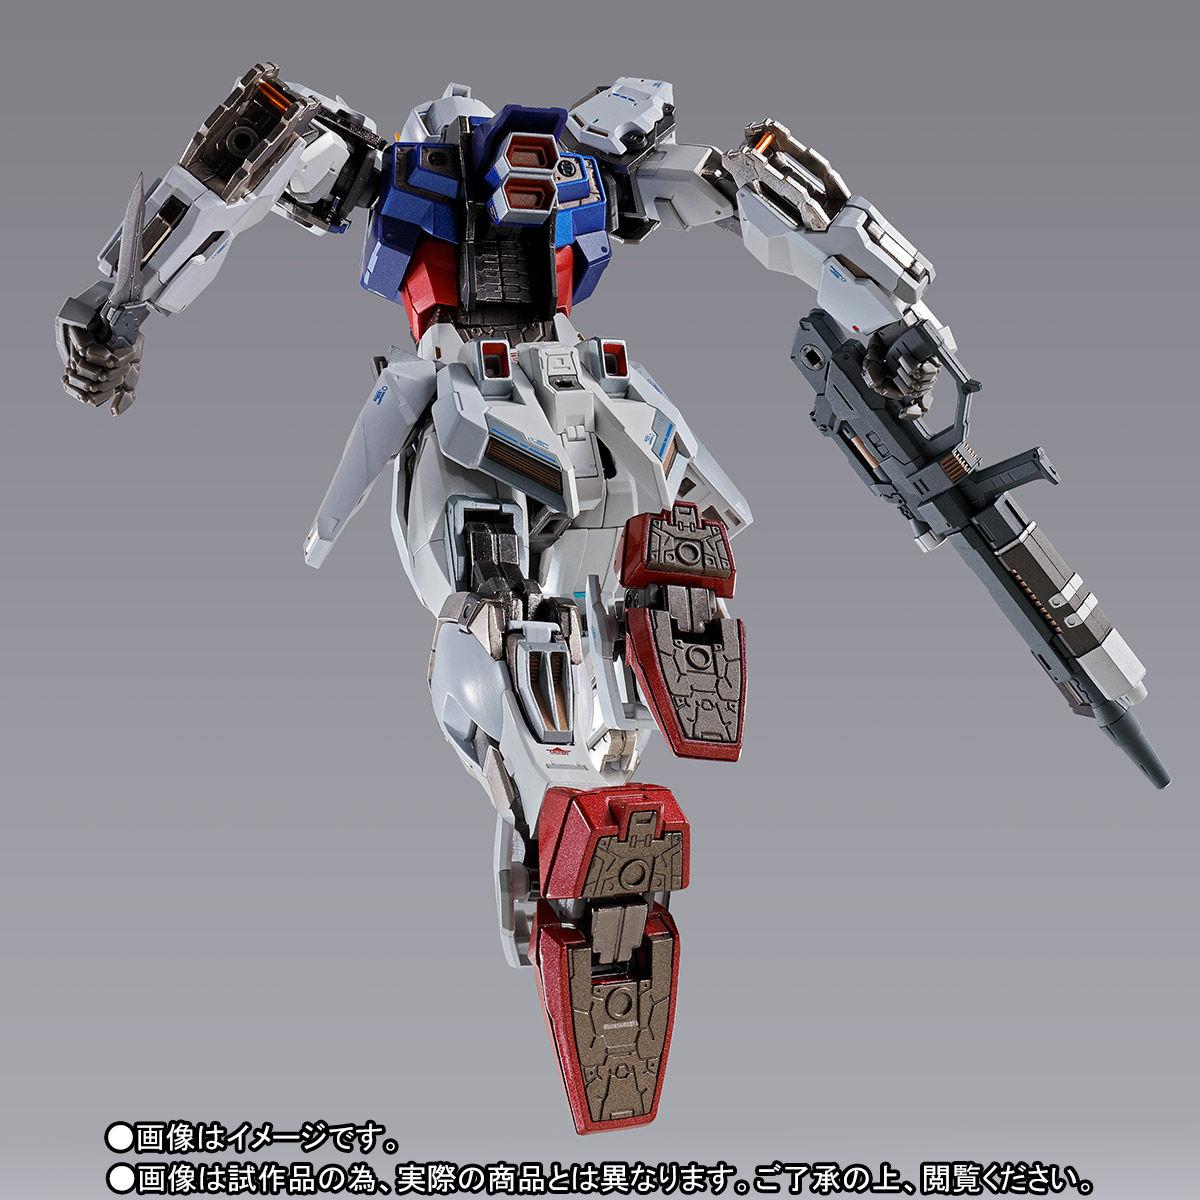 METAL BUILD『ストライクガンダム』機動戦士ガンダムSEED 可動フィギュア-009